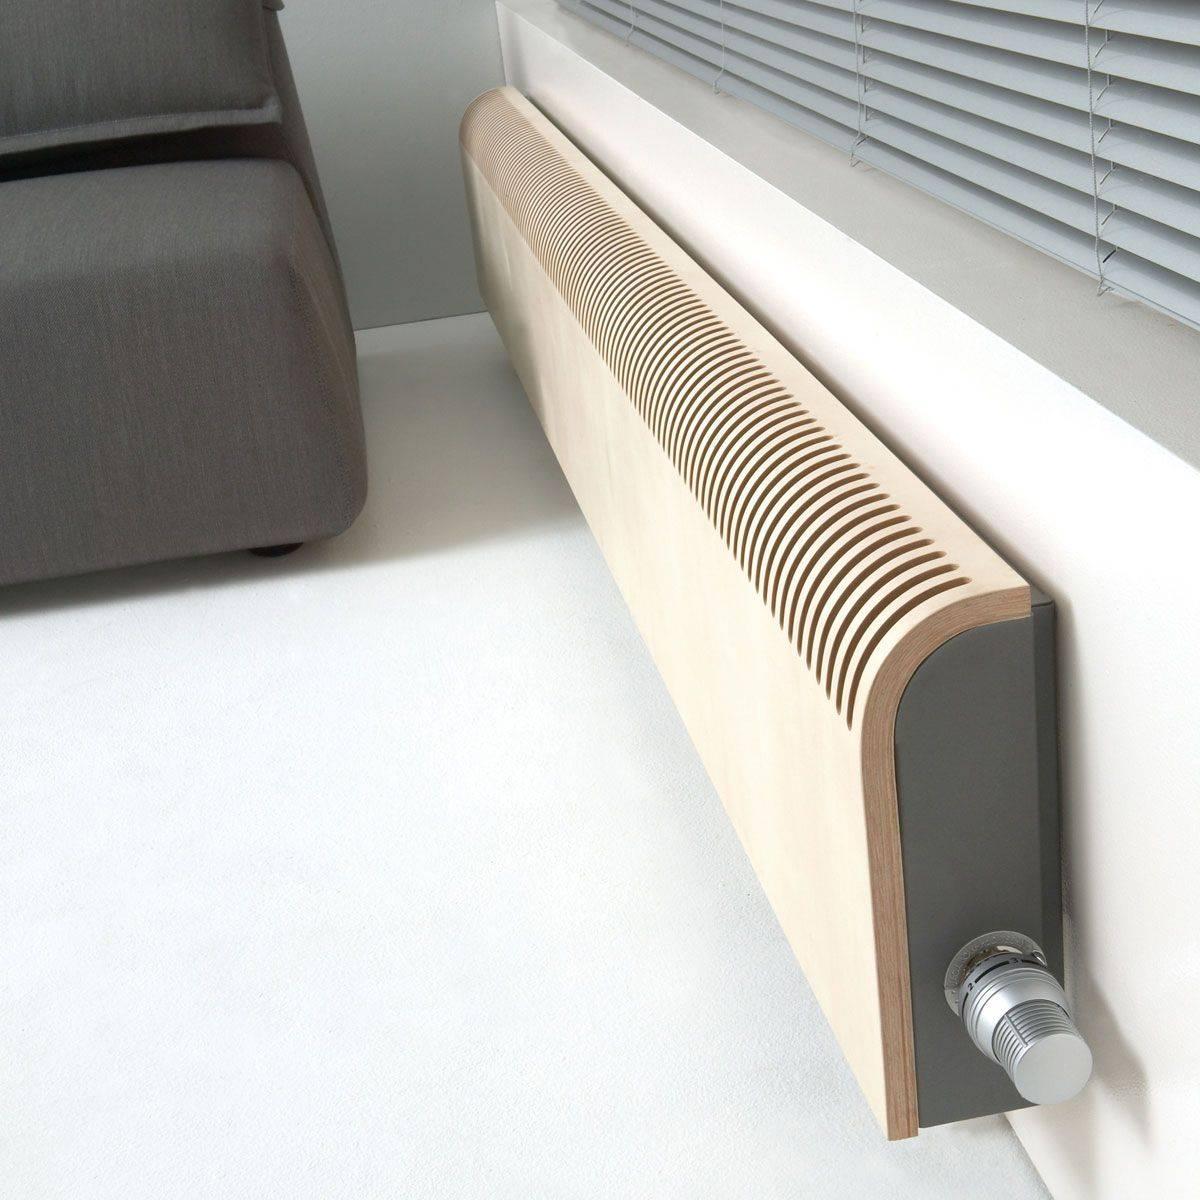 Разновидности и цена на электрические конвекторы отопления для частного дома